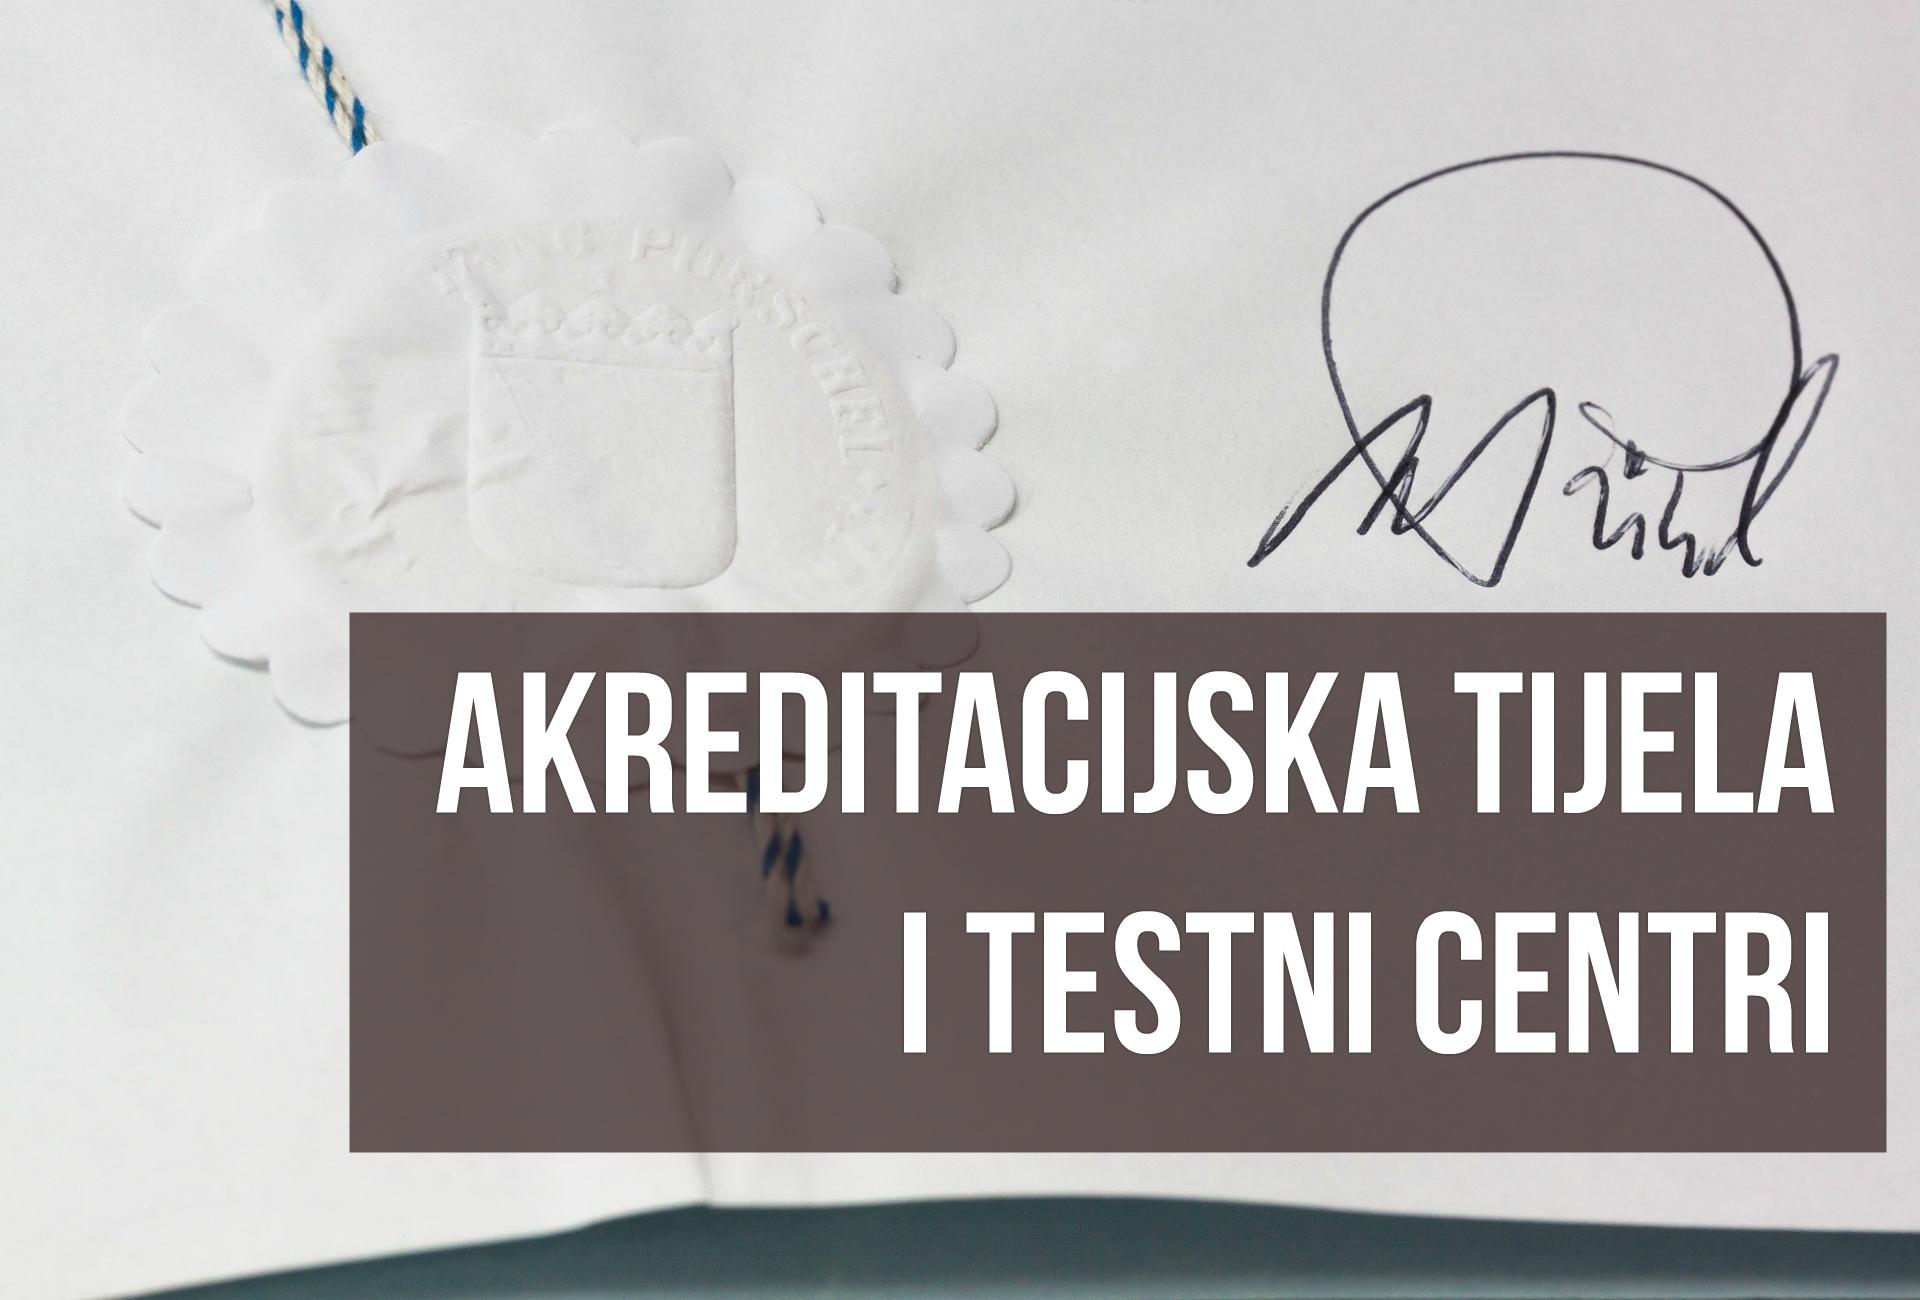 Akreditacijska tijela i testni centri